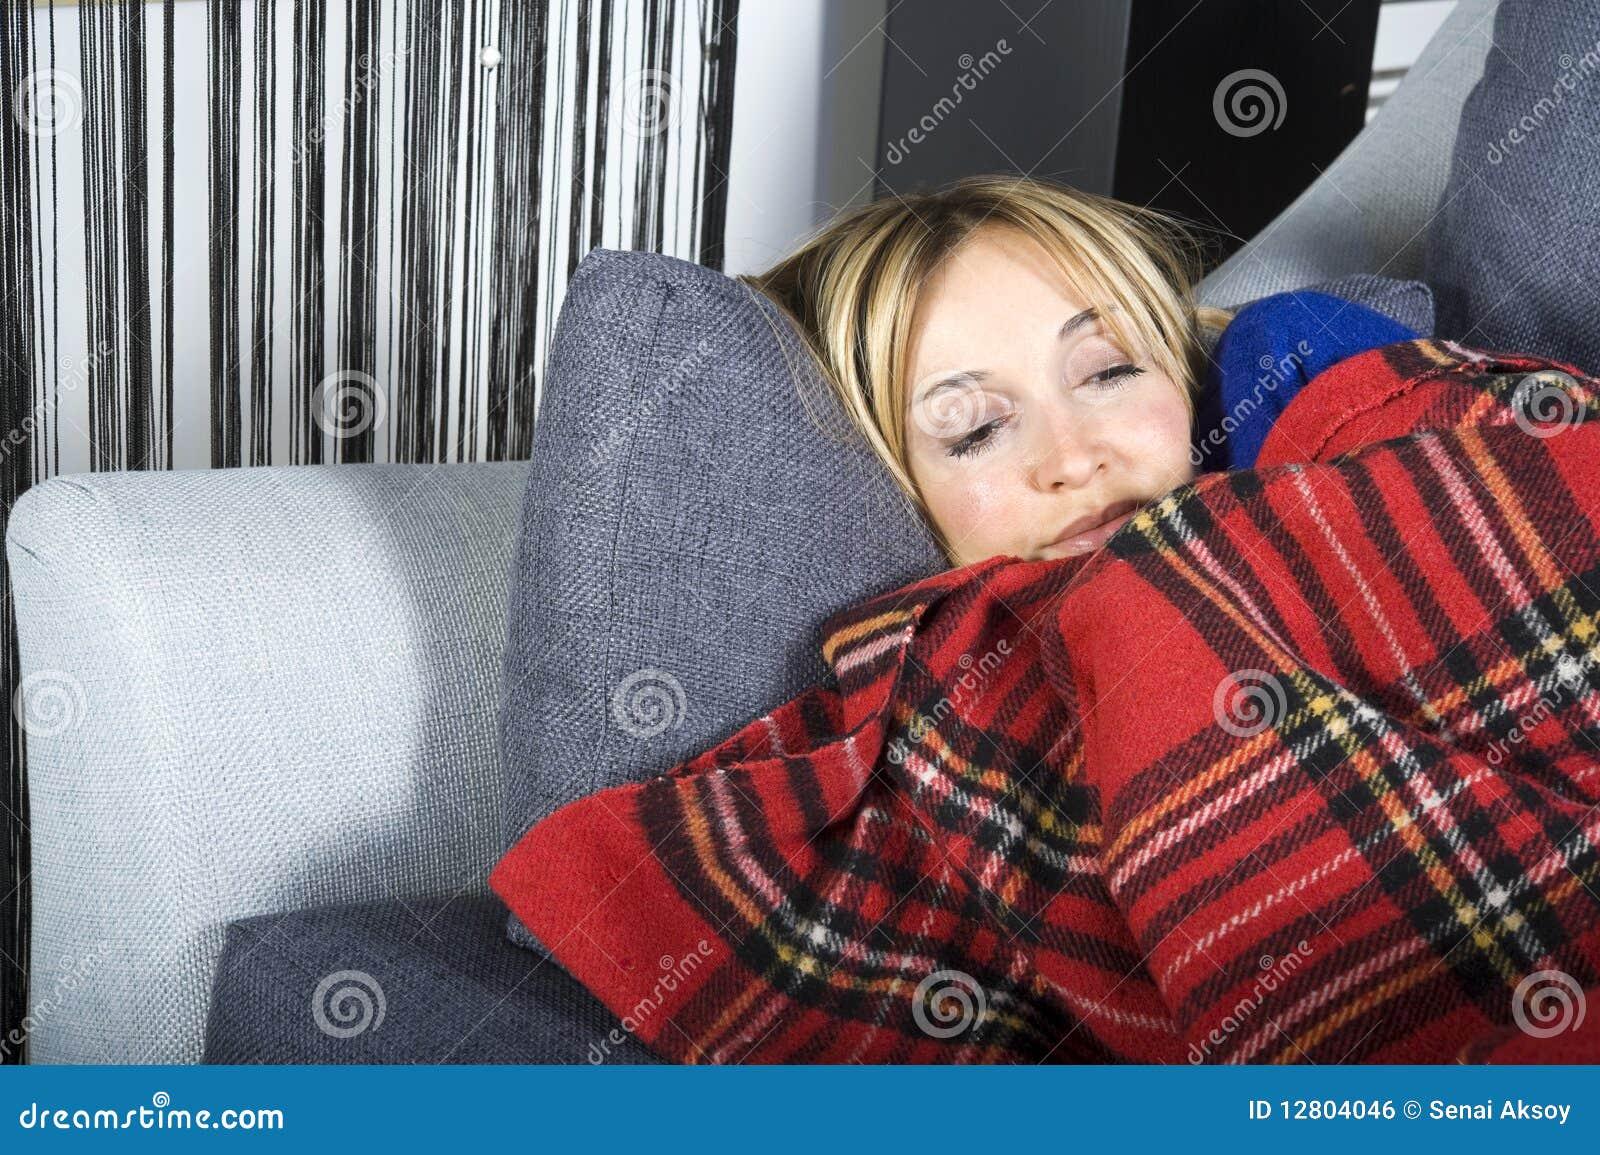 Curando a gripe